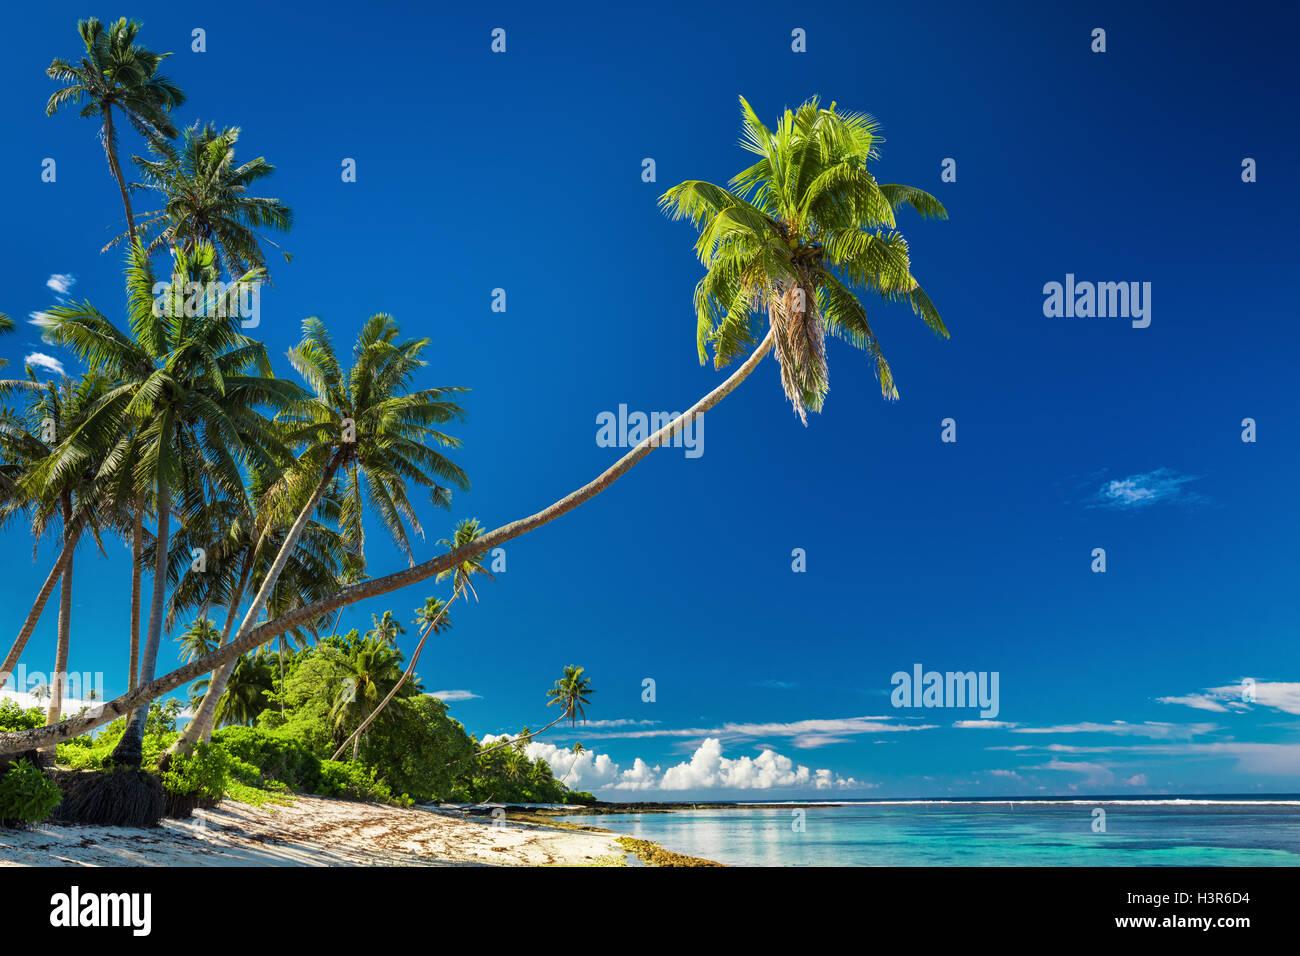 Playa Tropical en el lado sur de la isla de Samoa con cocoteros Imagen De Stock